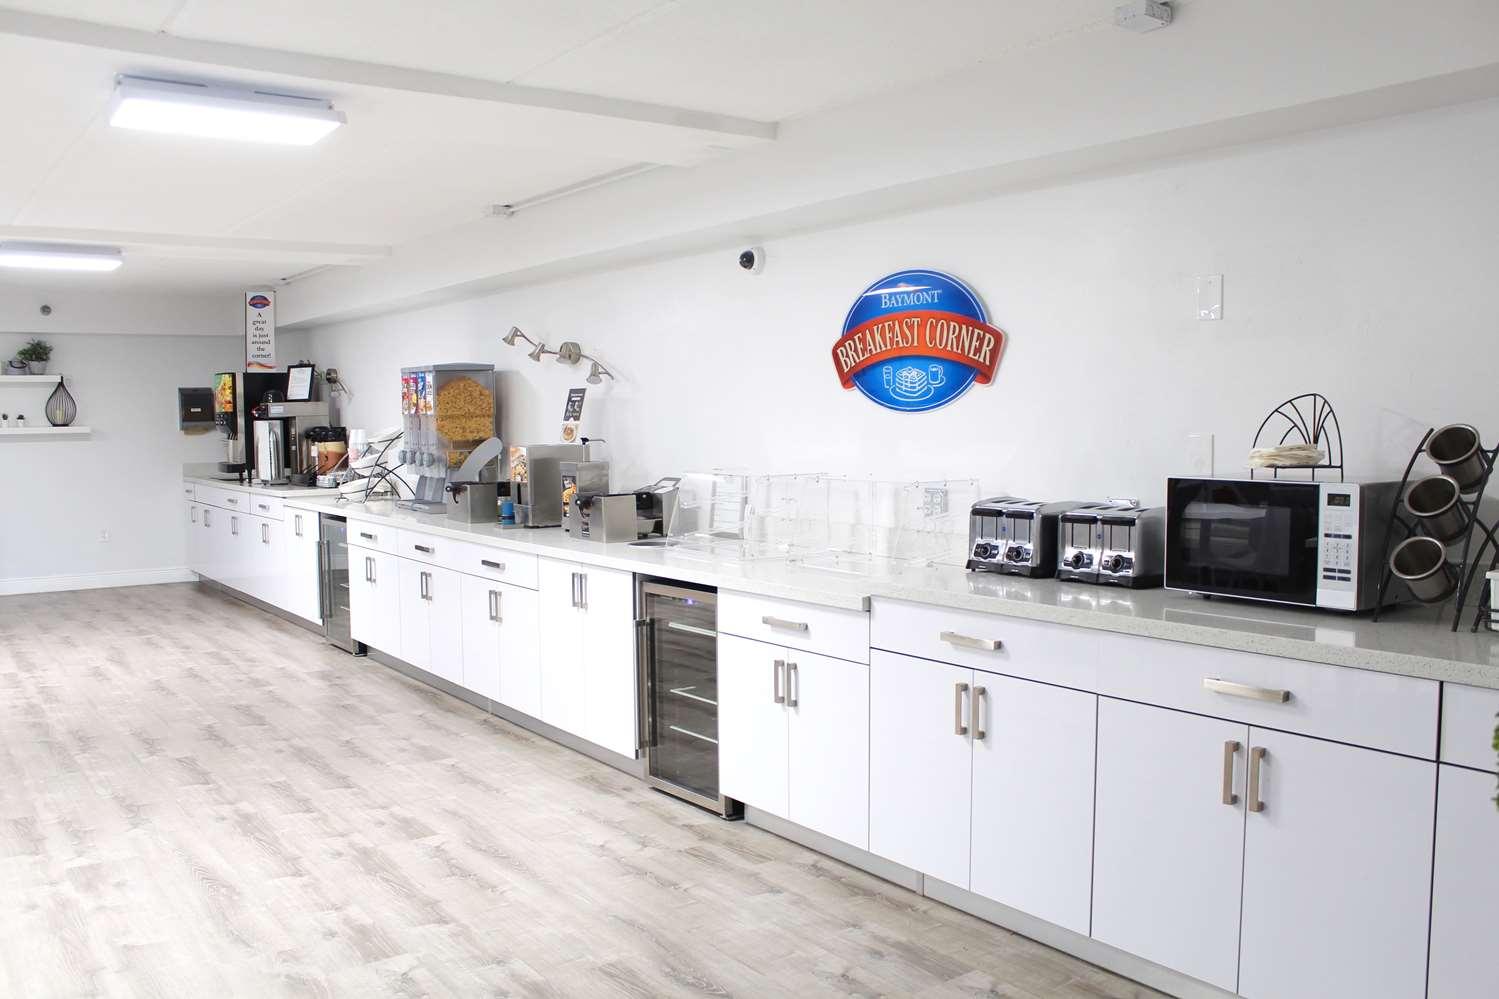 Restaurant - Baymont Inn & Suites Kissimmee